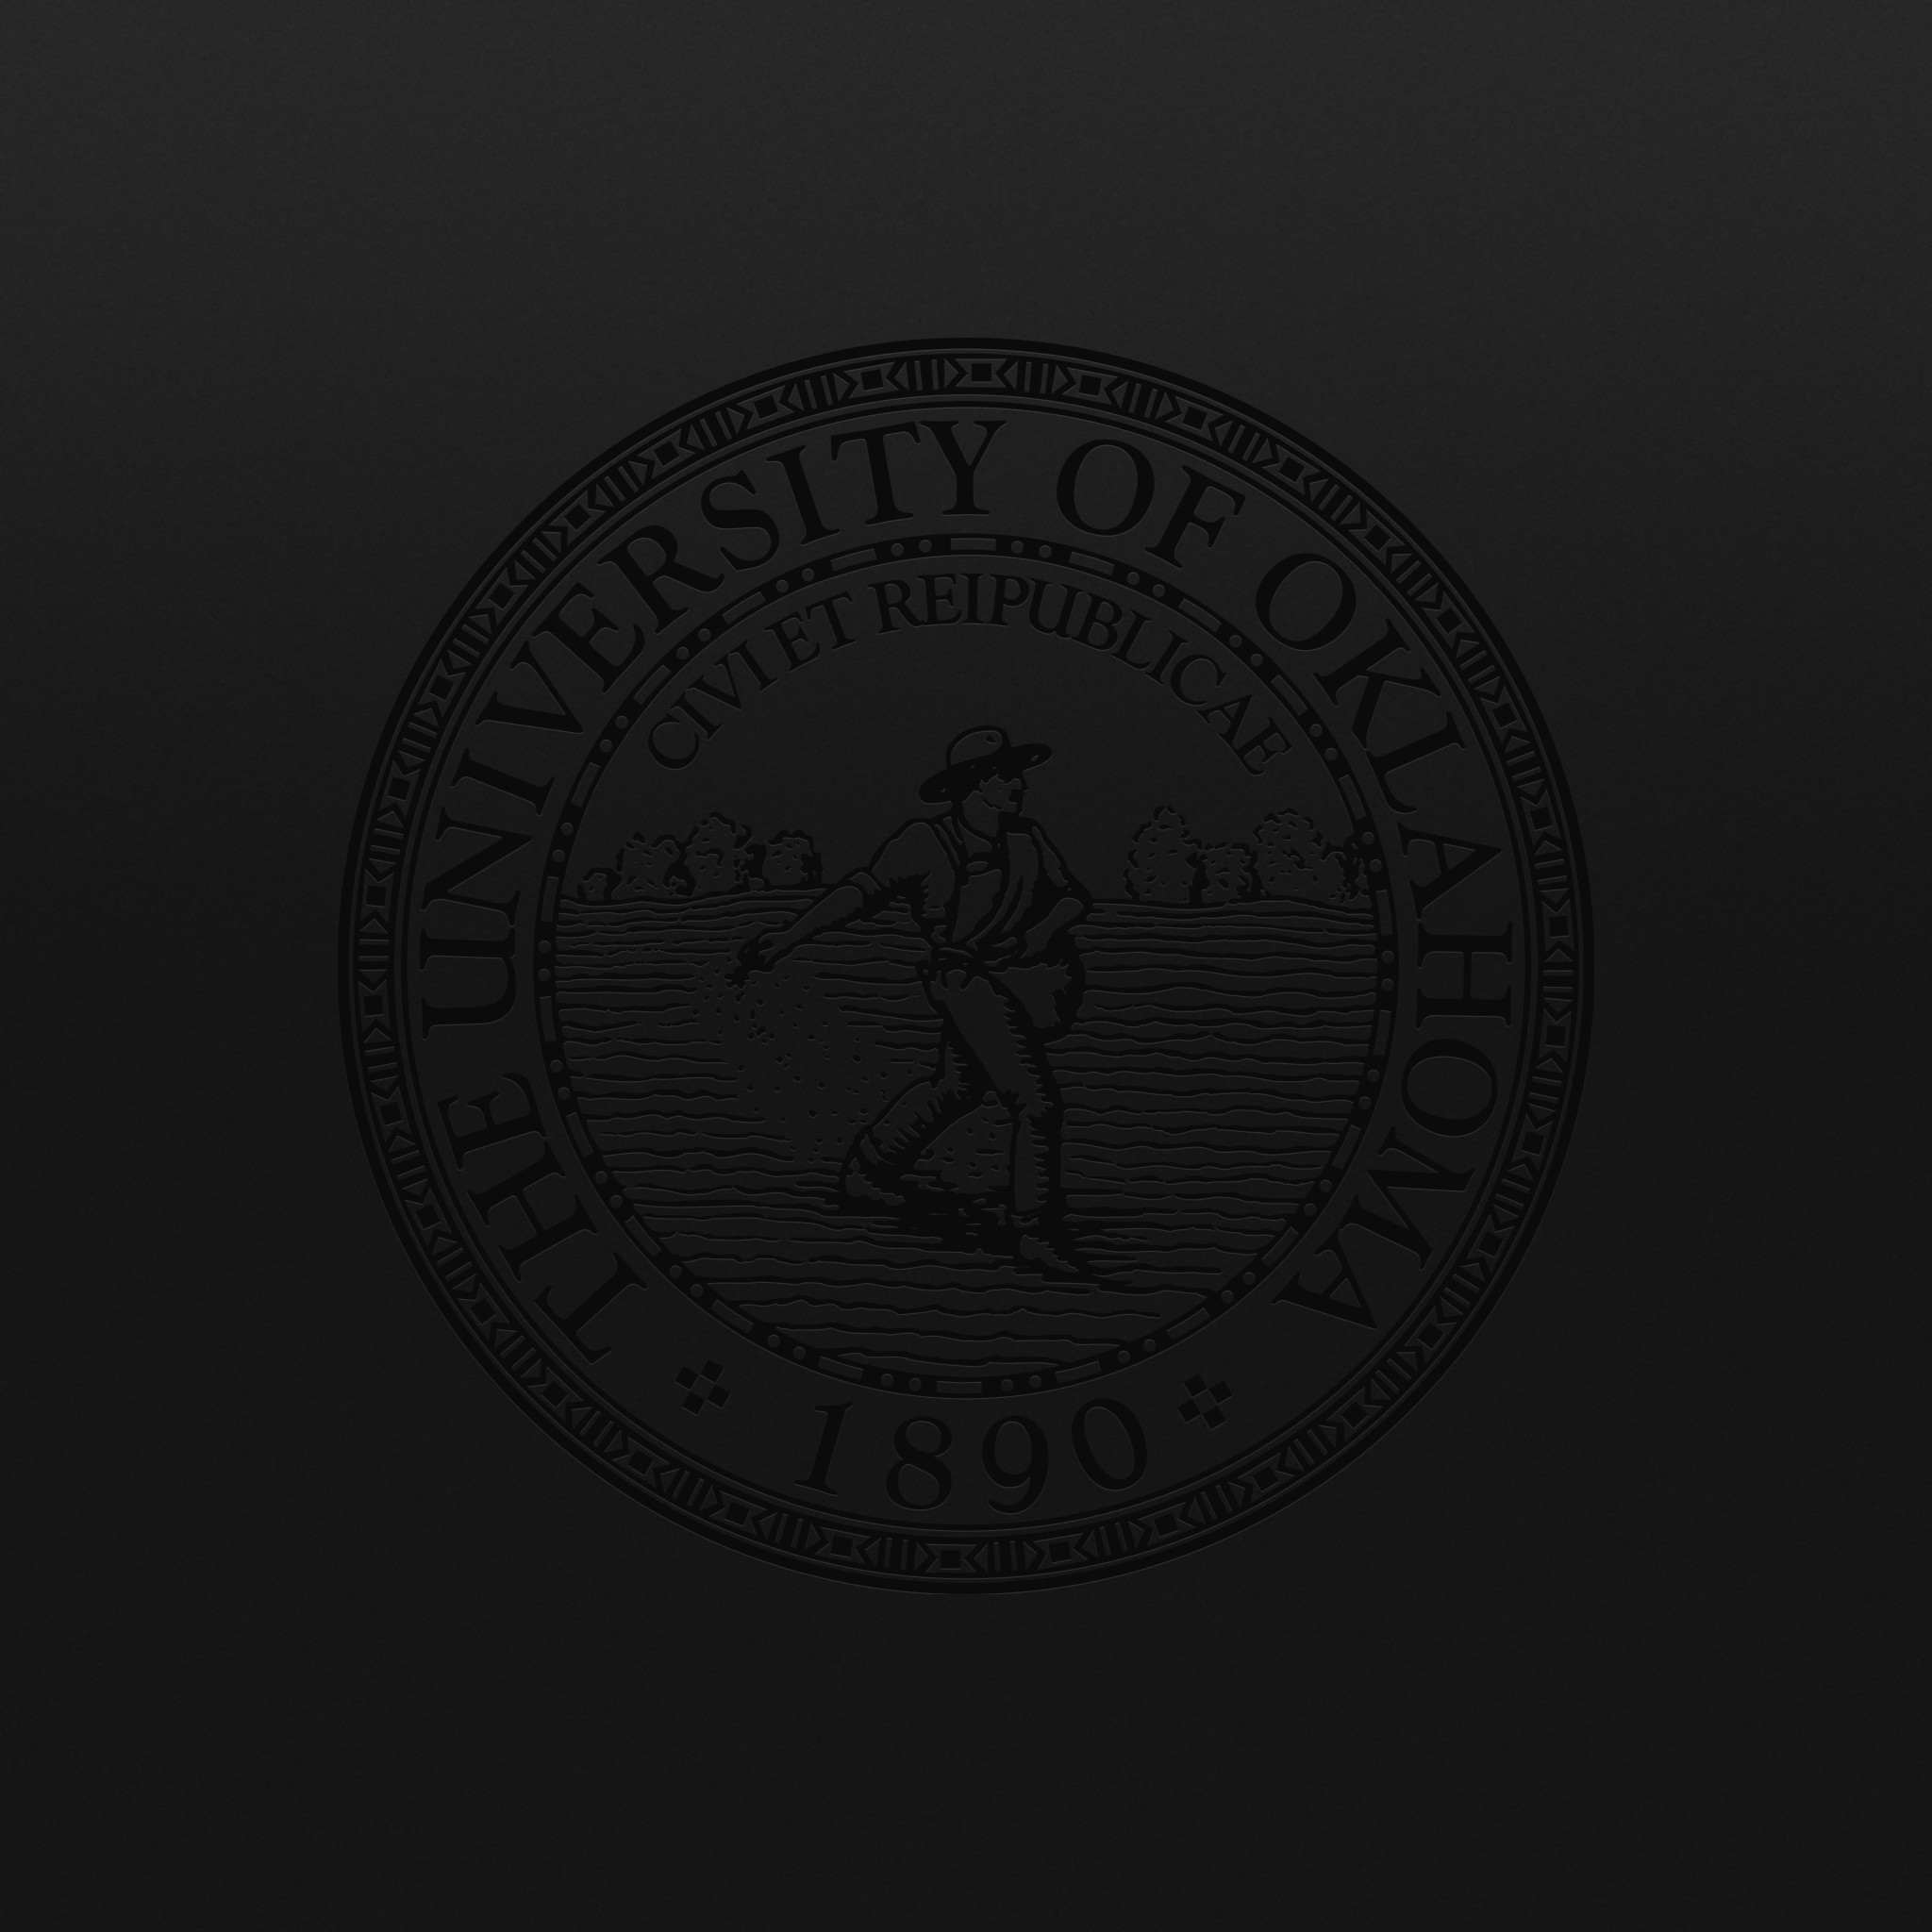 Wallpaper: Black OU seal